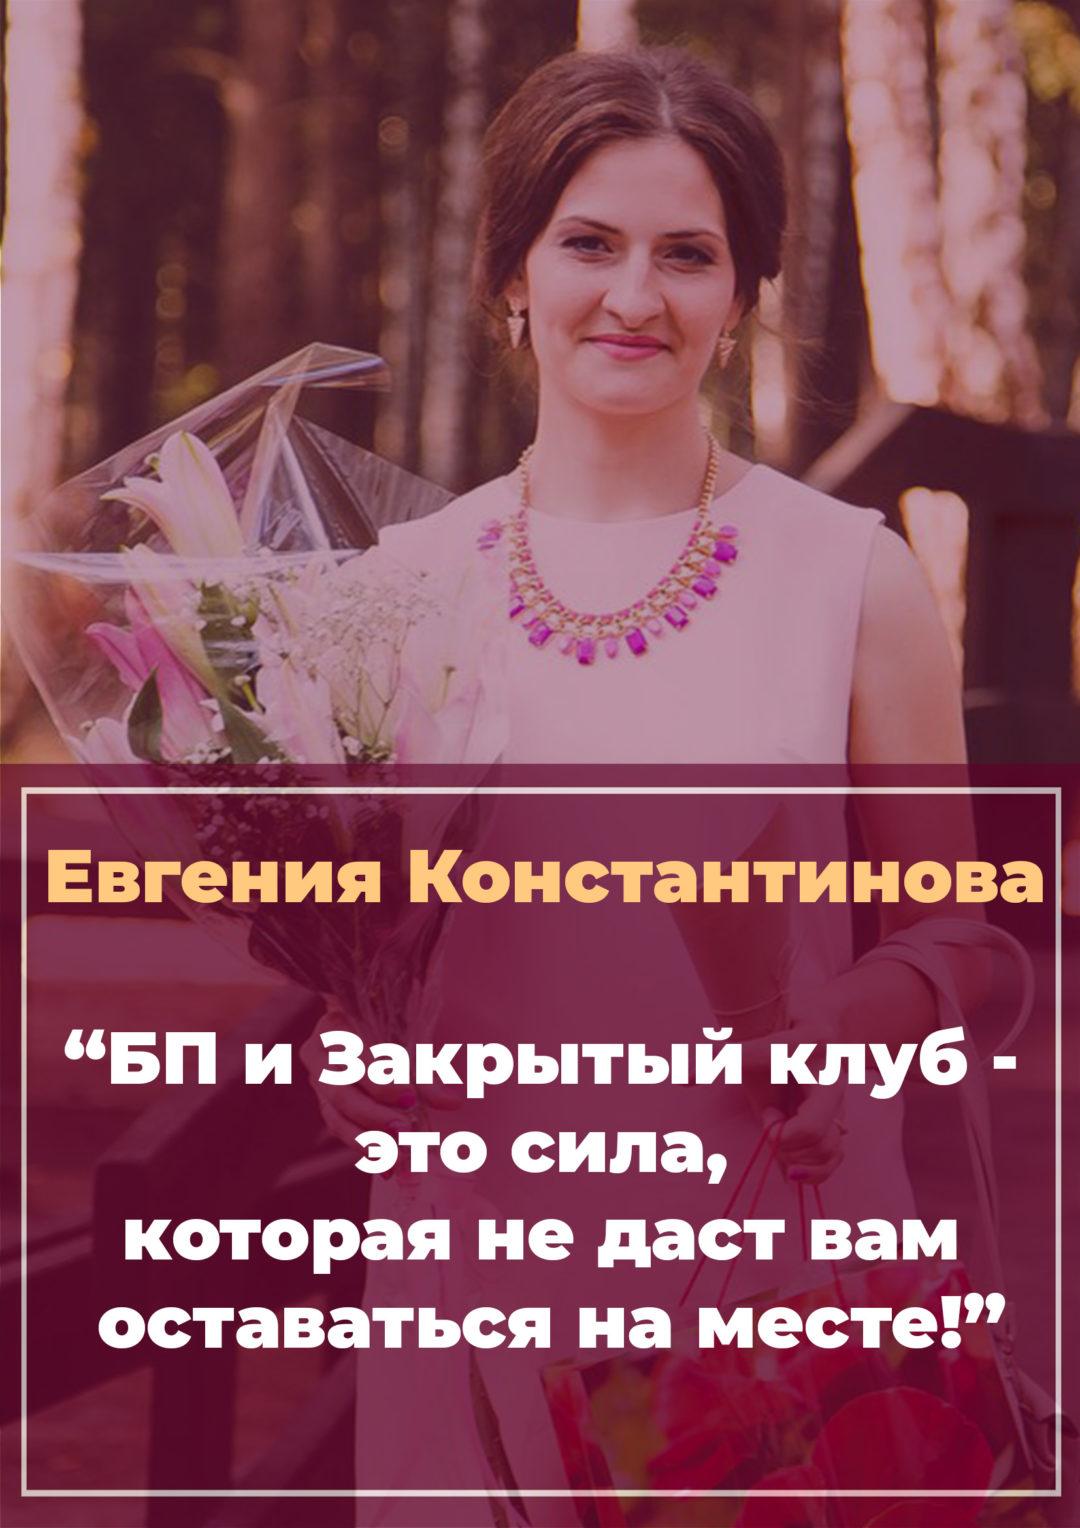 История Евгении Константиновой